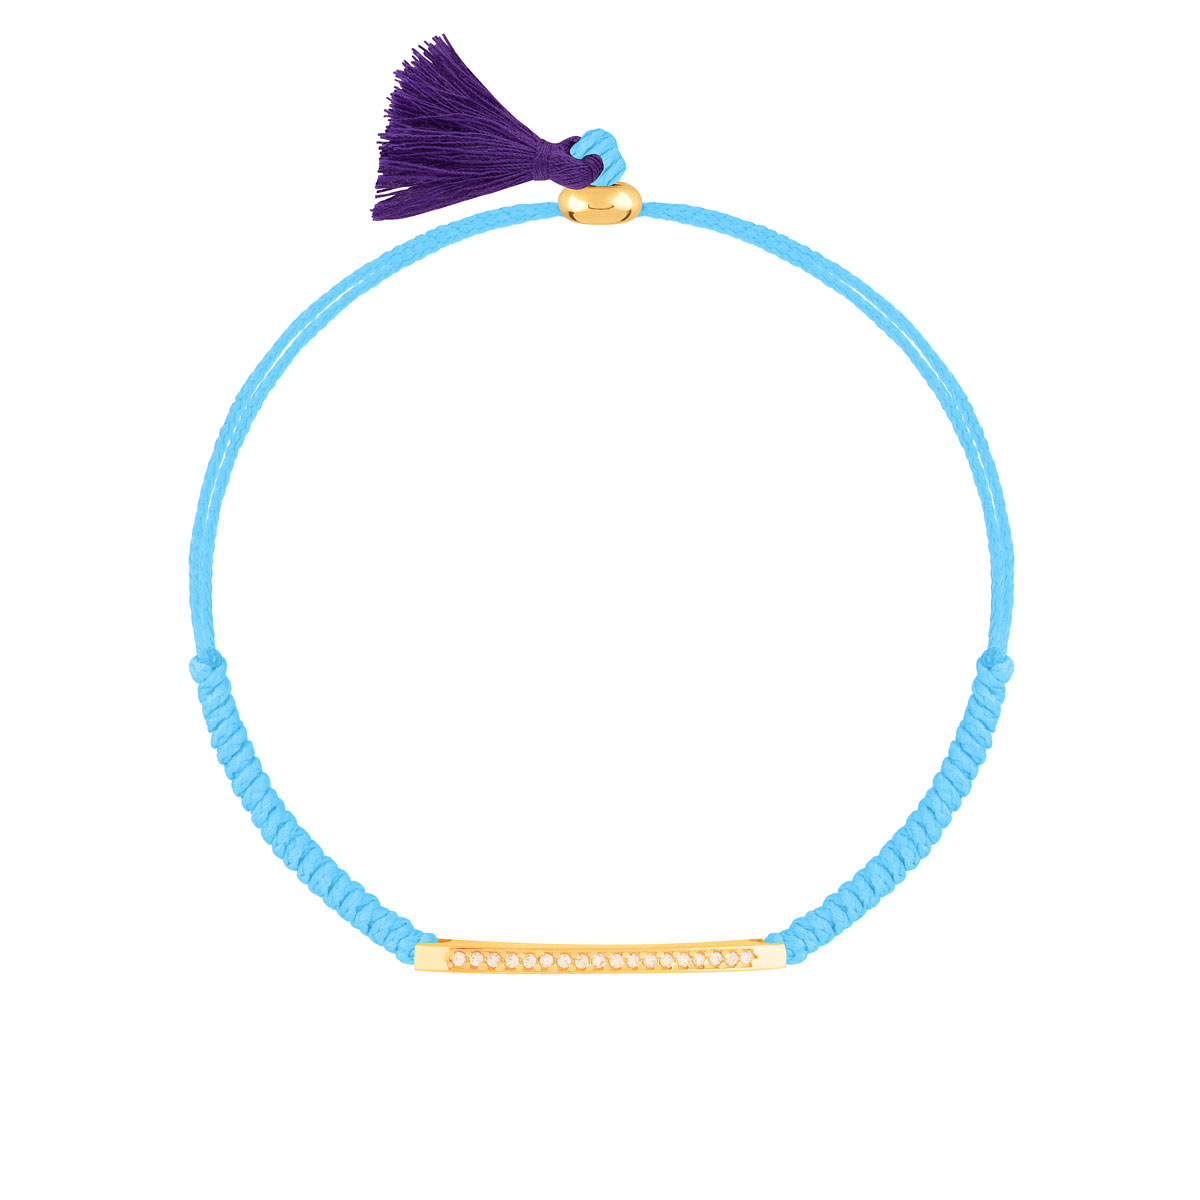 دستبند طلا بافت آبی روشن دوستی با مهره